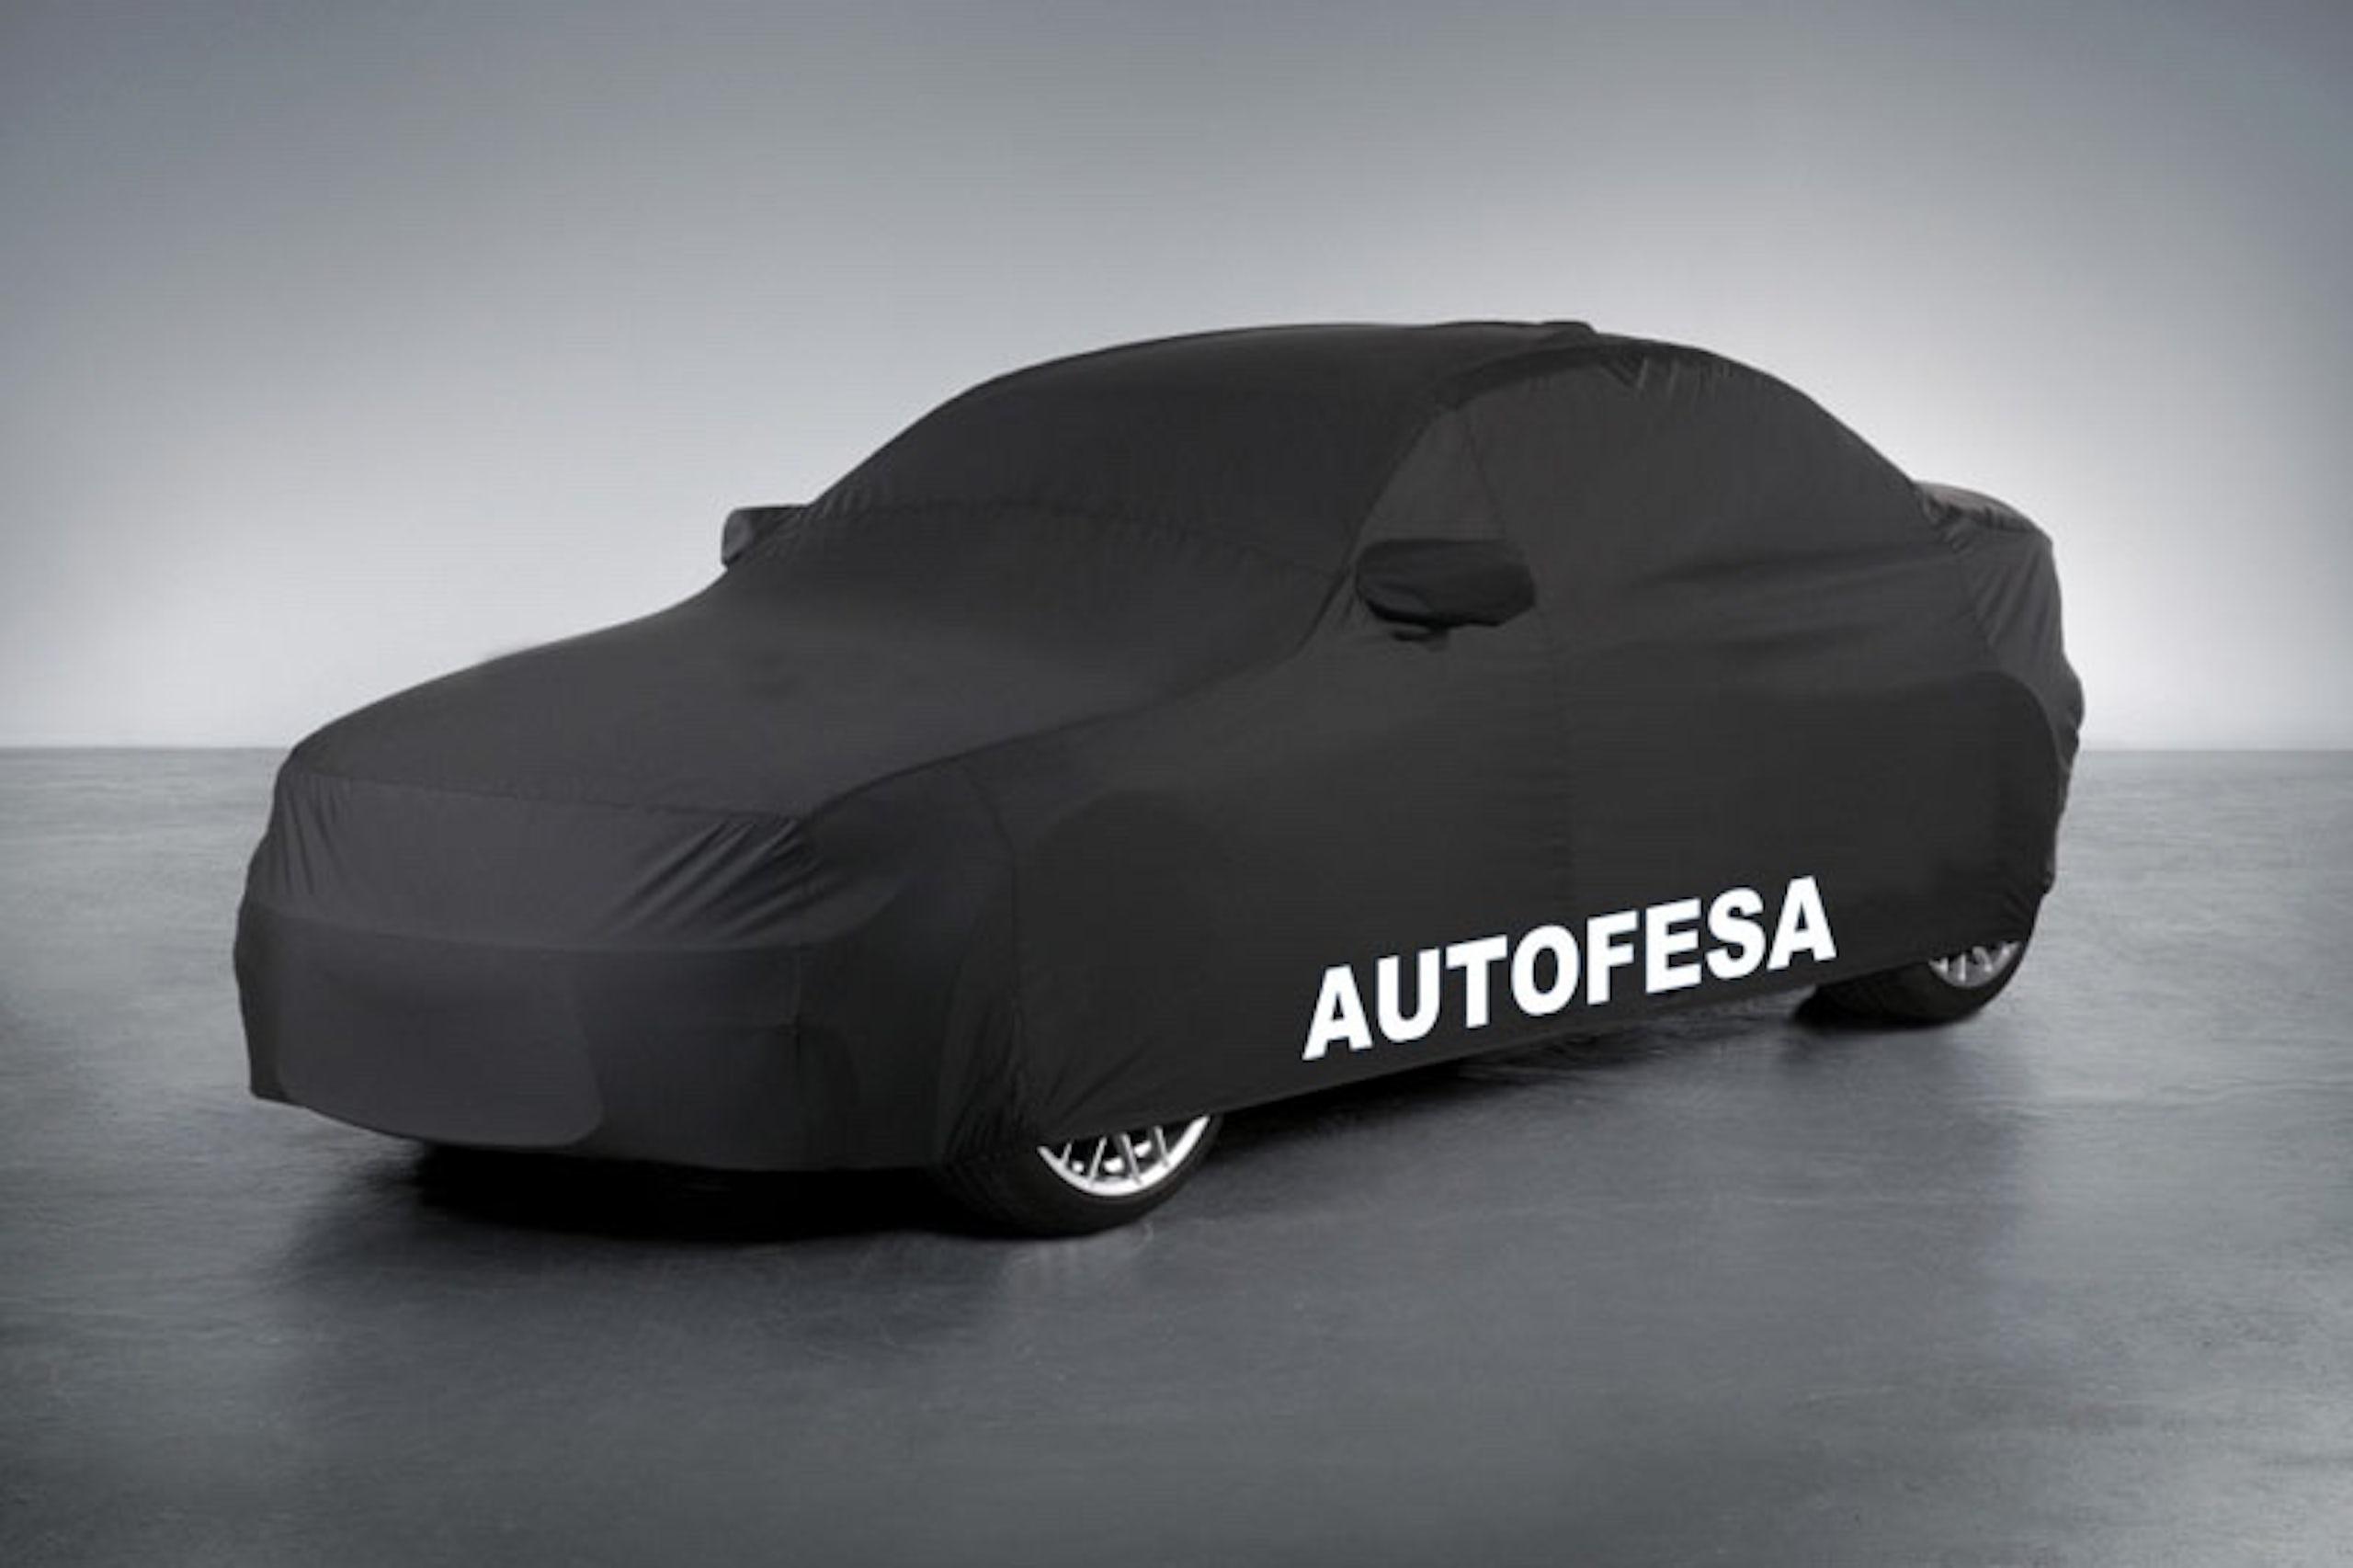 Audi A4 Avant 2.0 TDI 190cv quattro 5p S tronic Auto S/S - Foto 3